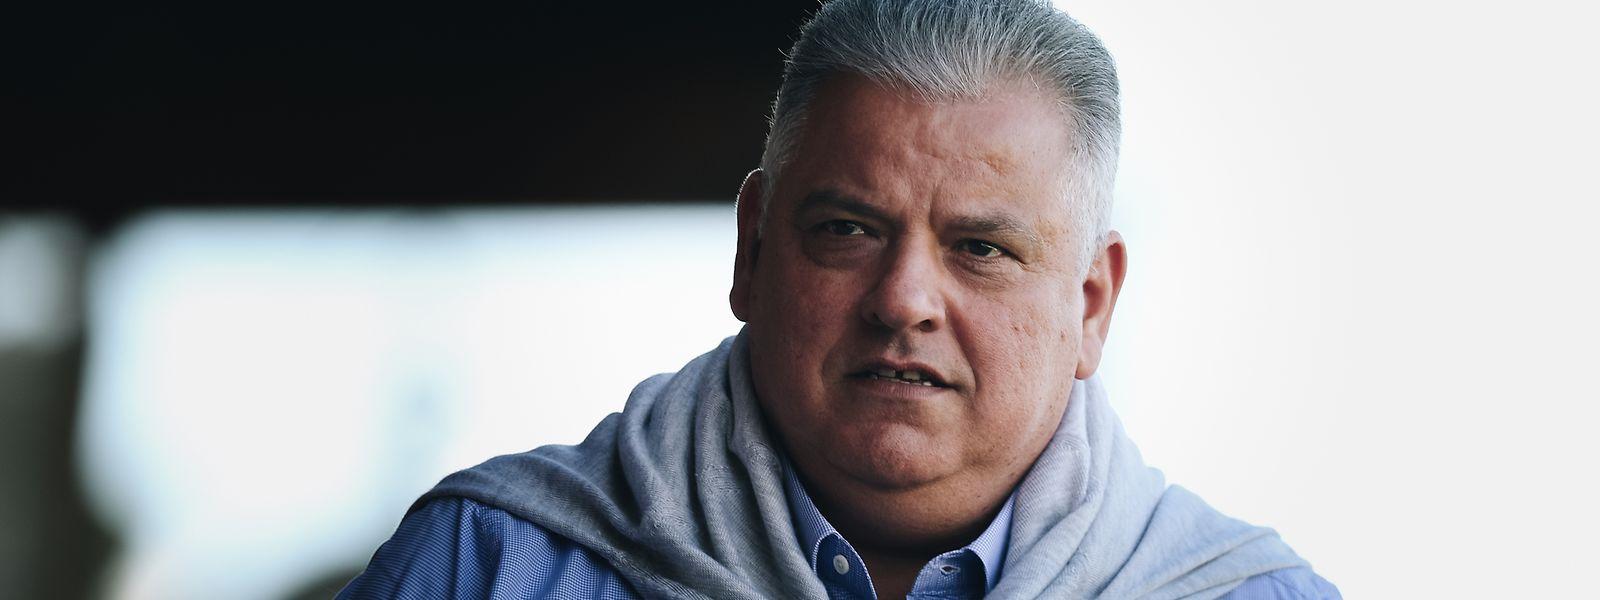 Flavio Becca geht ein weiteres Großprojekt im Sport an.